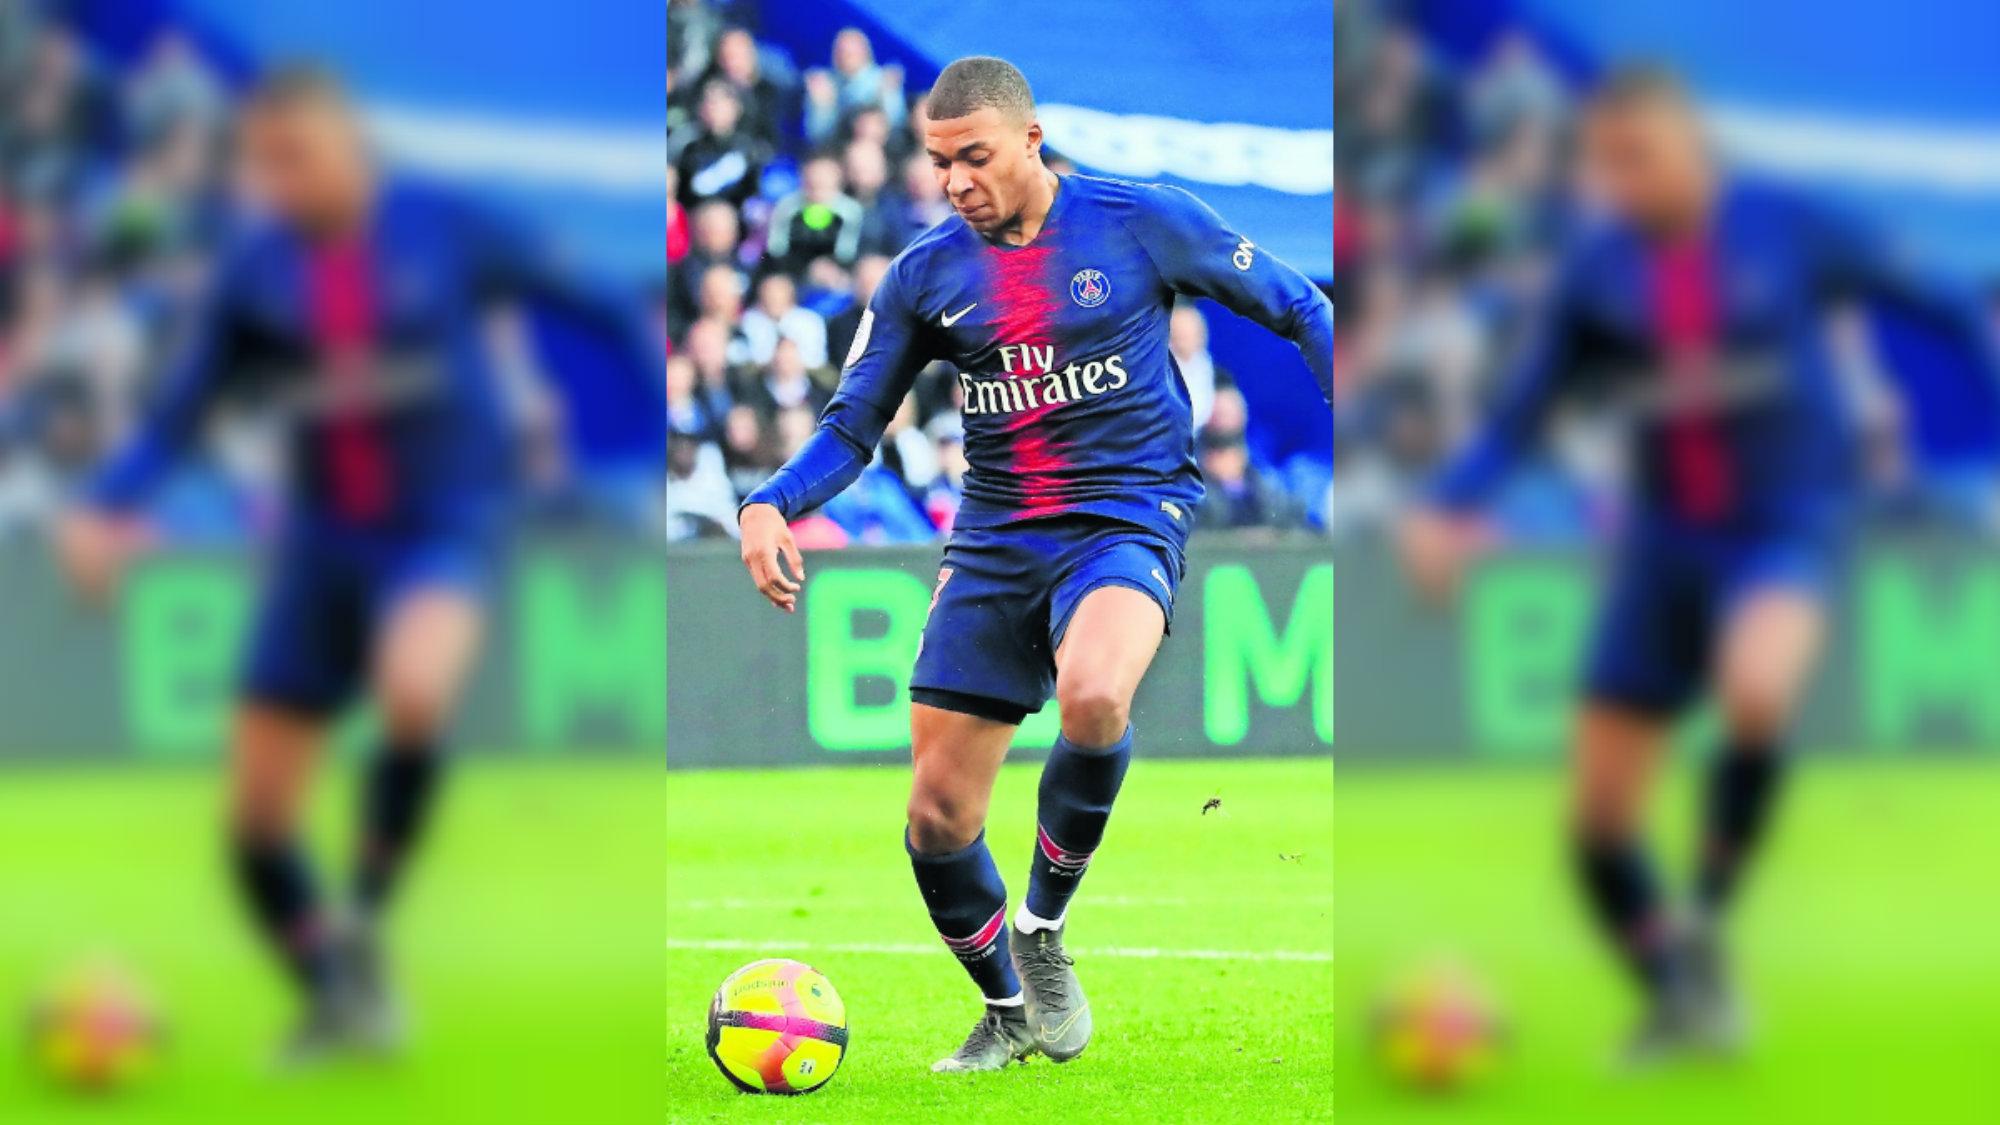 Mbappé guía al PSG al triunfo Mbappé guía al PSG al triunfo París Saint-Germain Thomas Tuchel